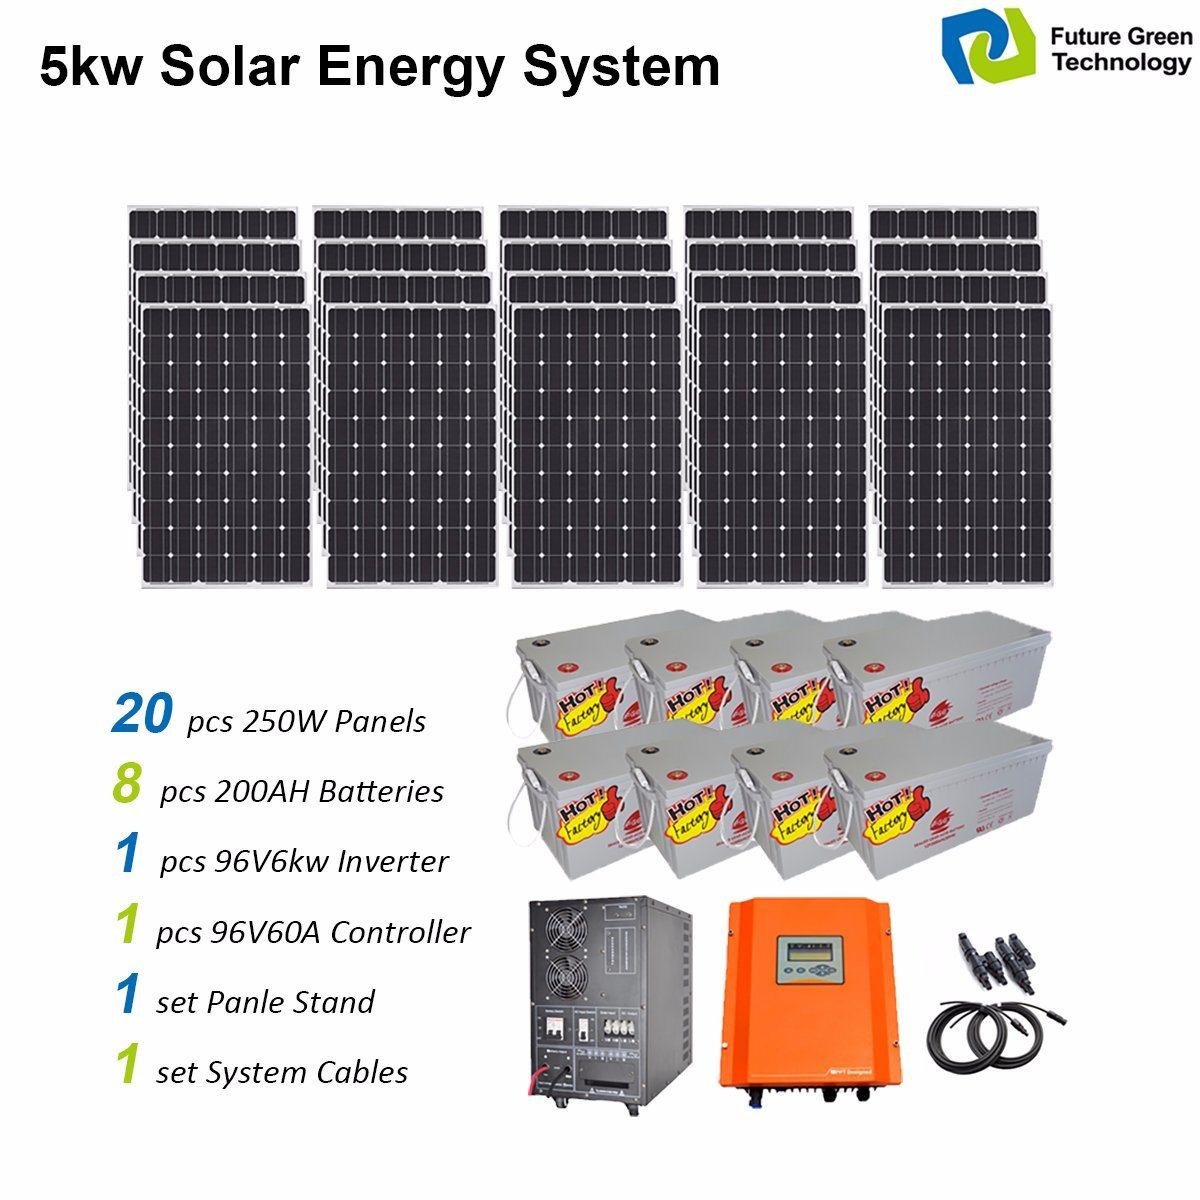 6000 Watt Solar System Diagram For Wiring - DIY Enthusiasts Wiring ...